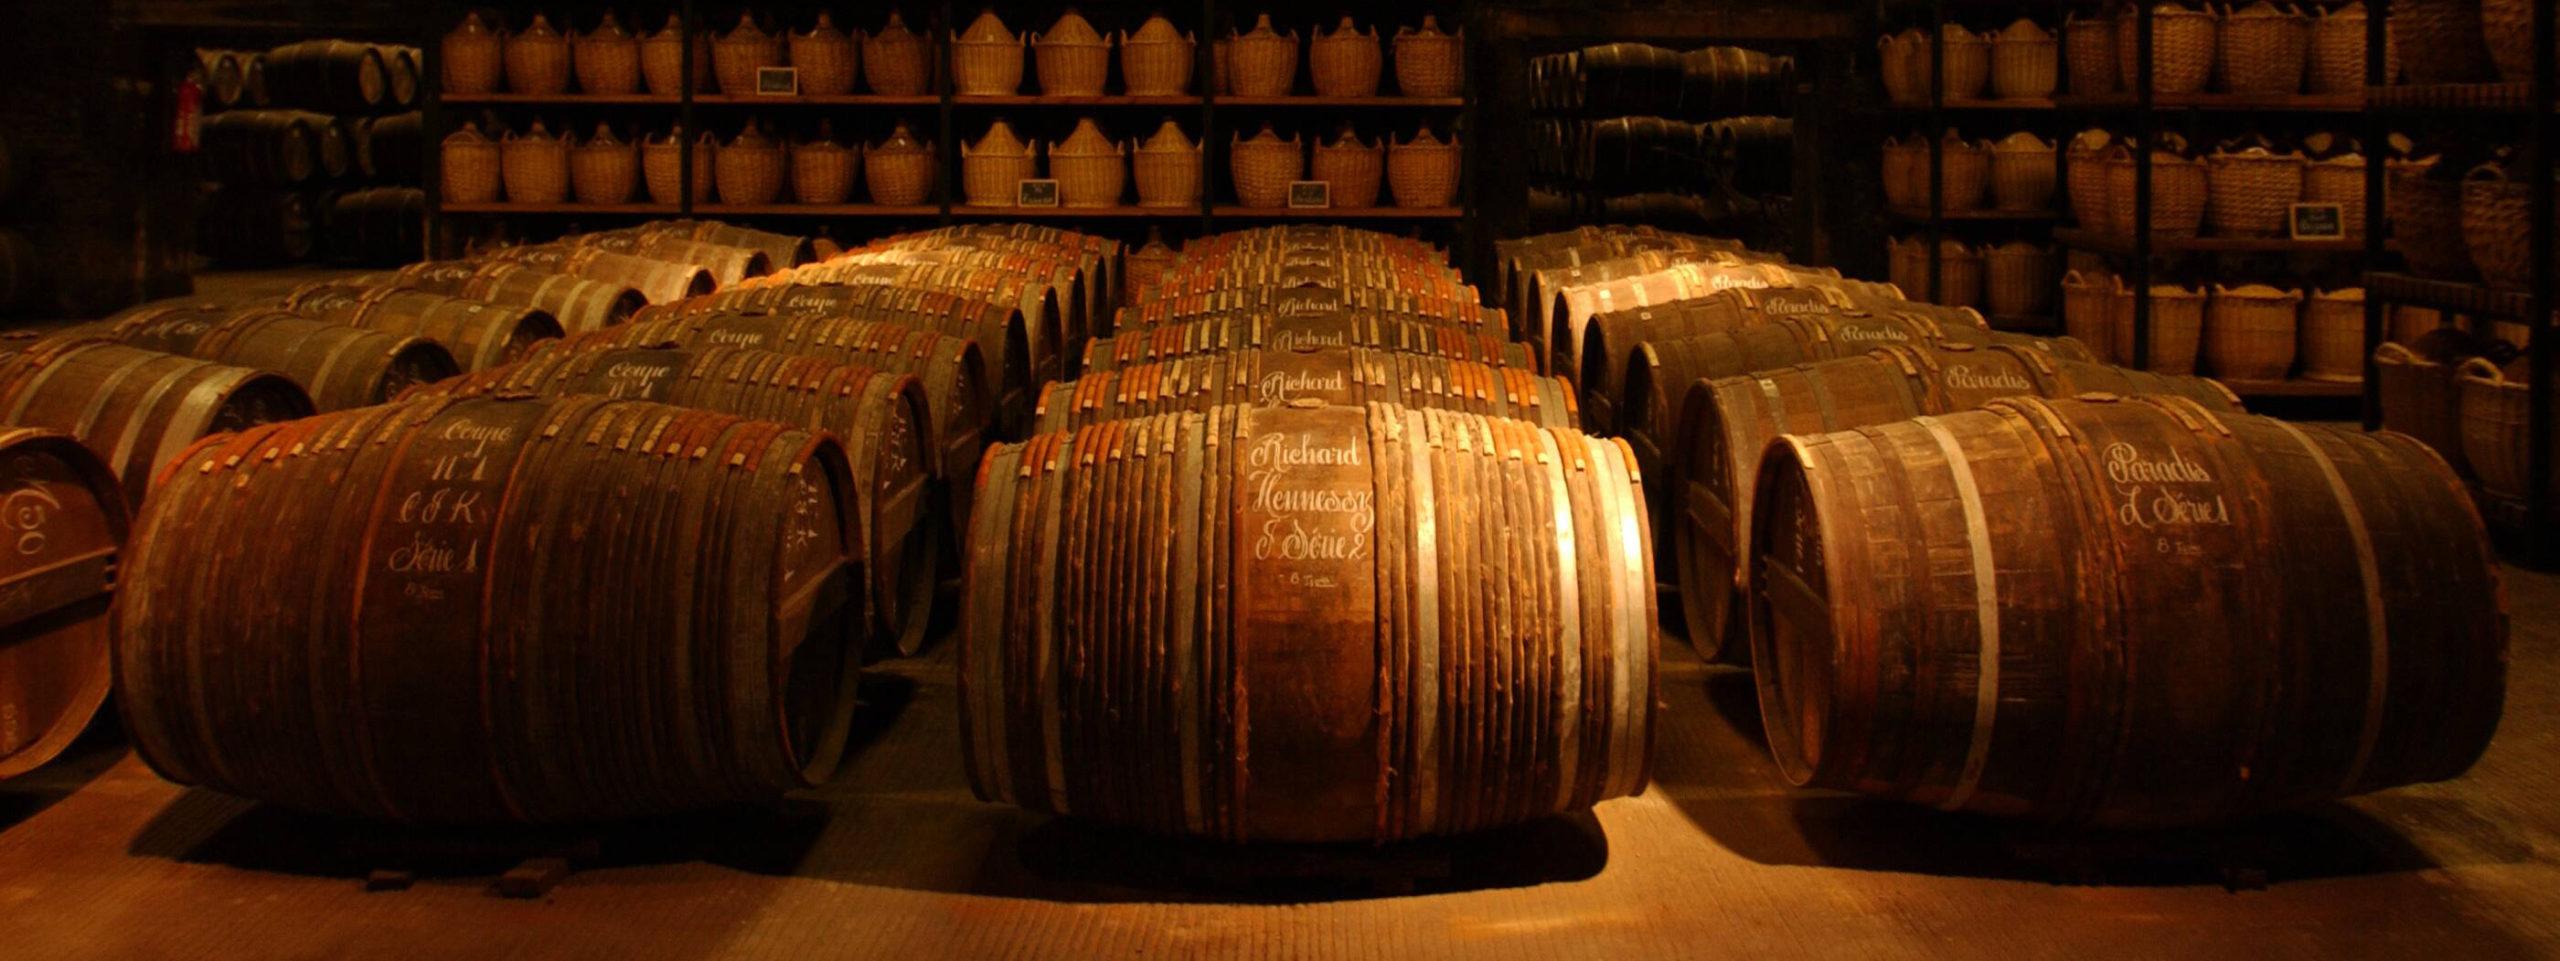 Hennessy один из самых популярным коньяков в мире.